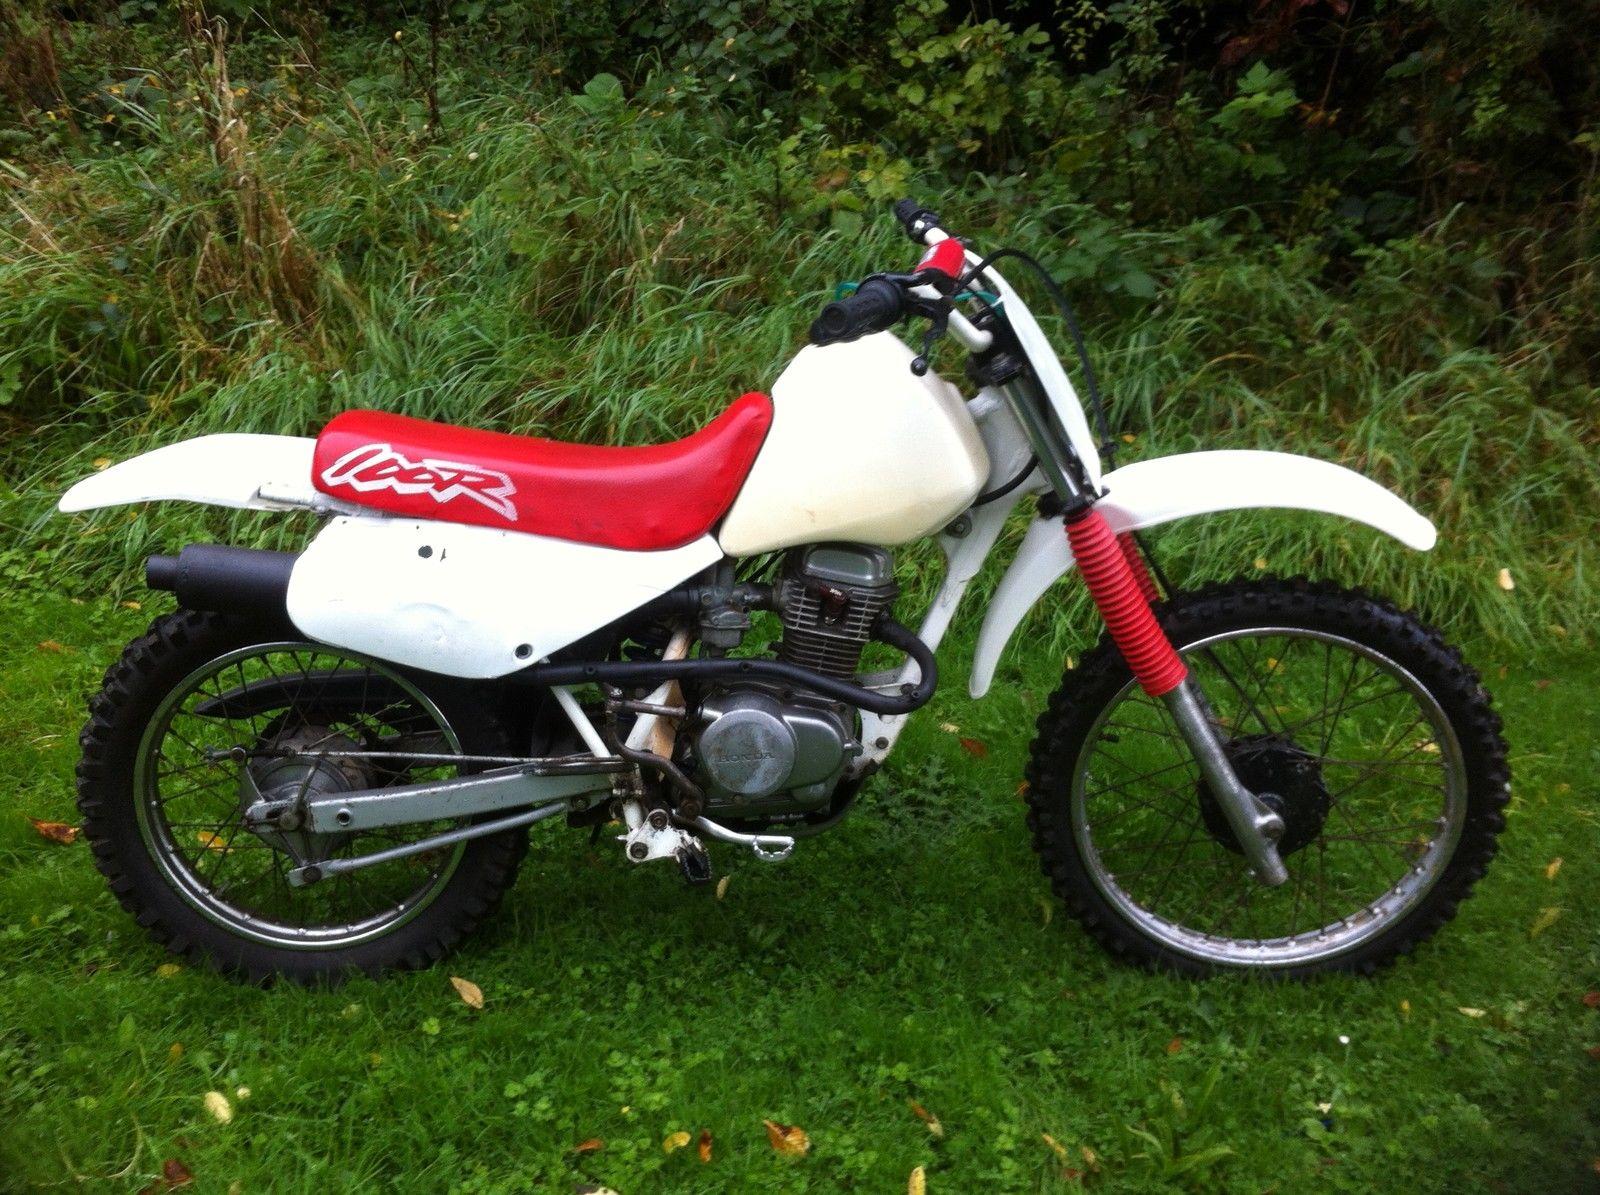 Honda Xr100 Xr 100 Not Xr75 Xr80 Kids Dirtbike Look